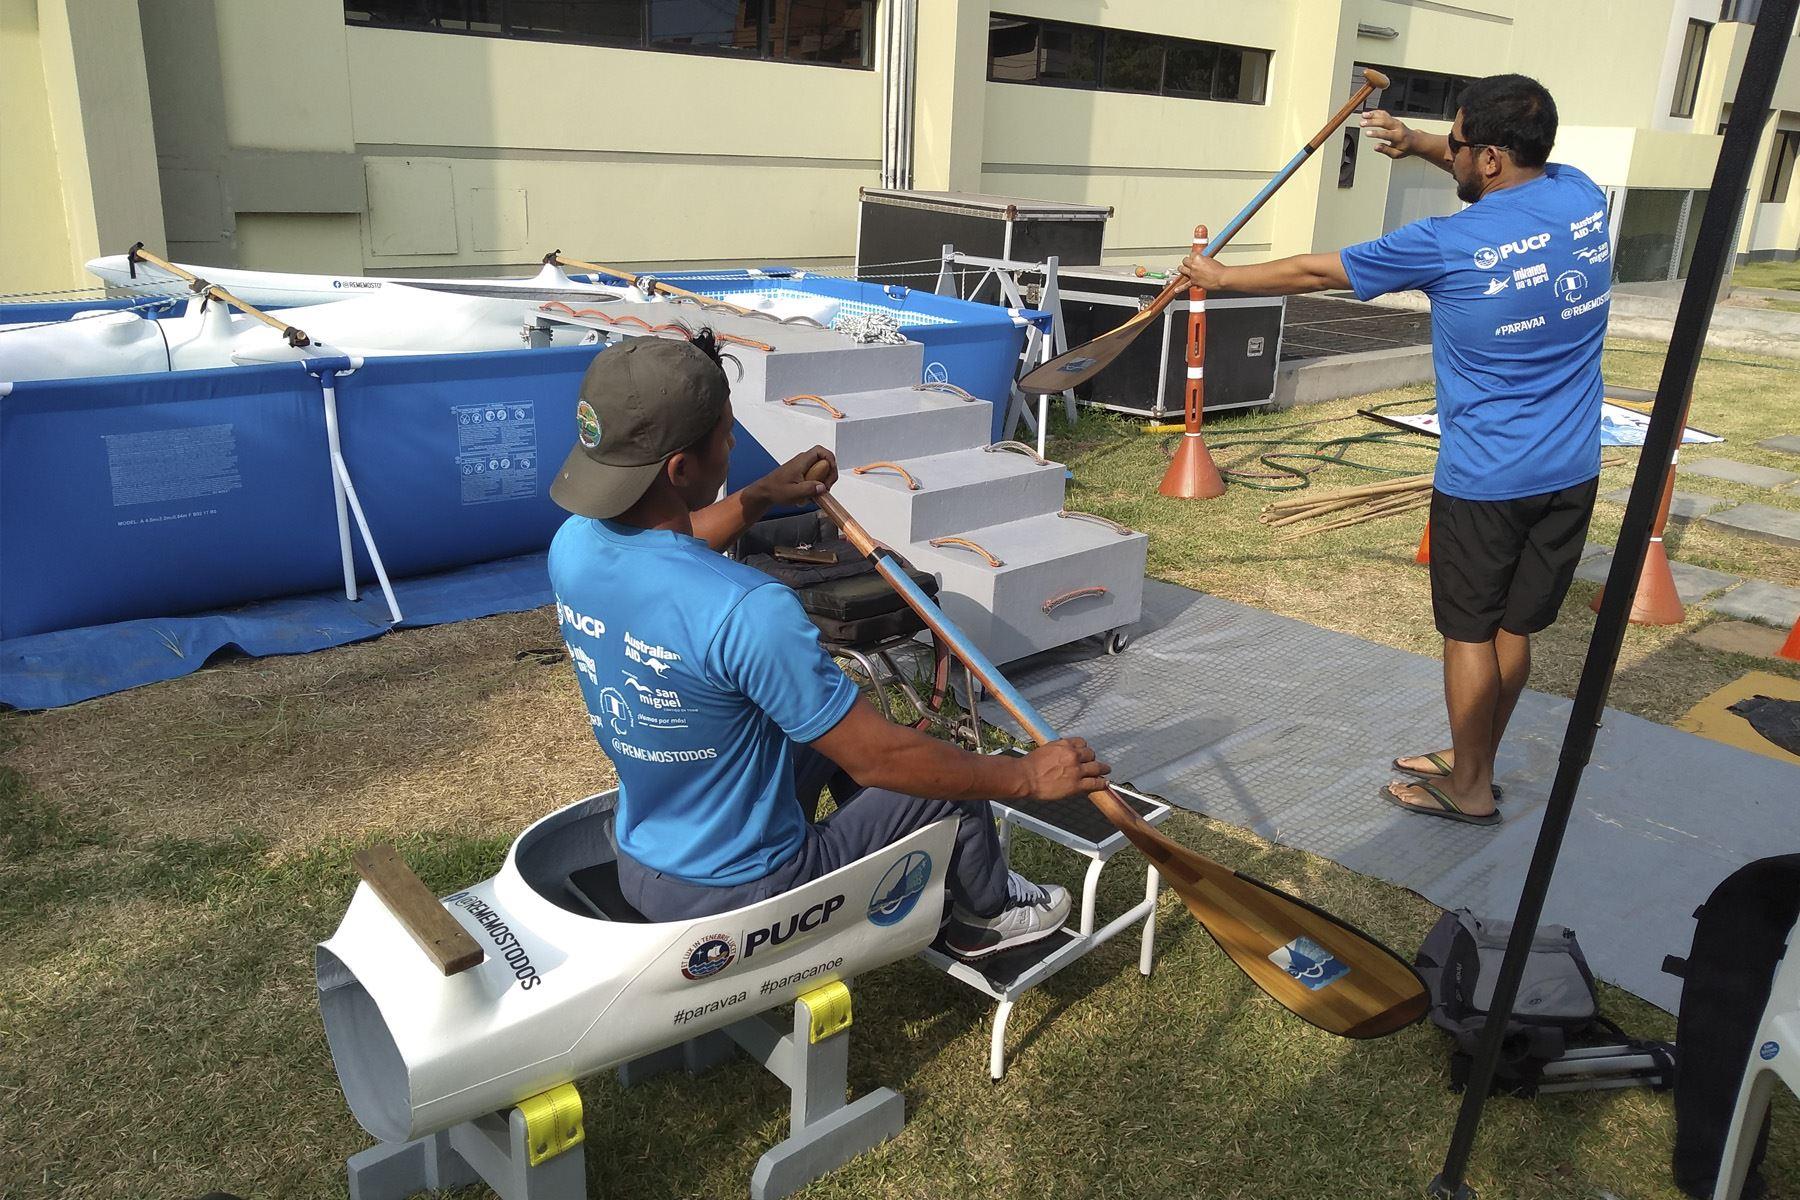 Simulador consta de una piscina, en donde el paradeportista podrá entrenar sus habilidades en una canoa previo a cualquier competencia.